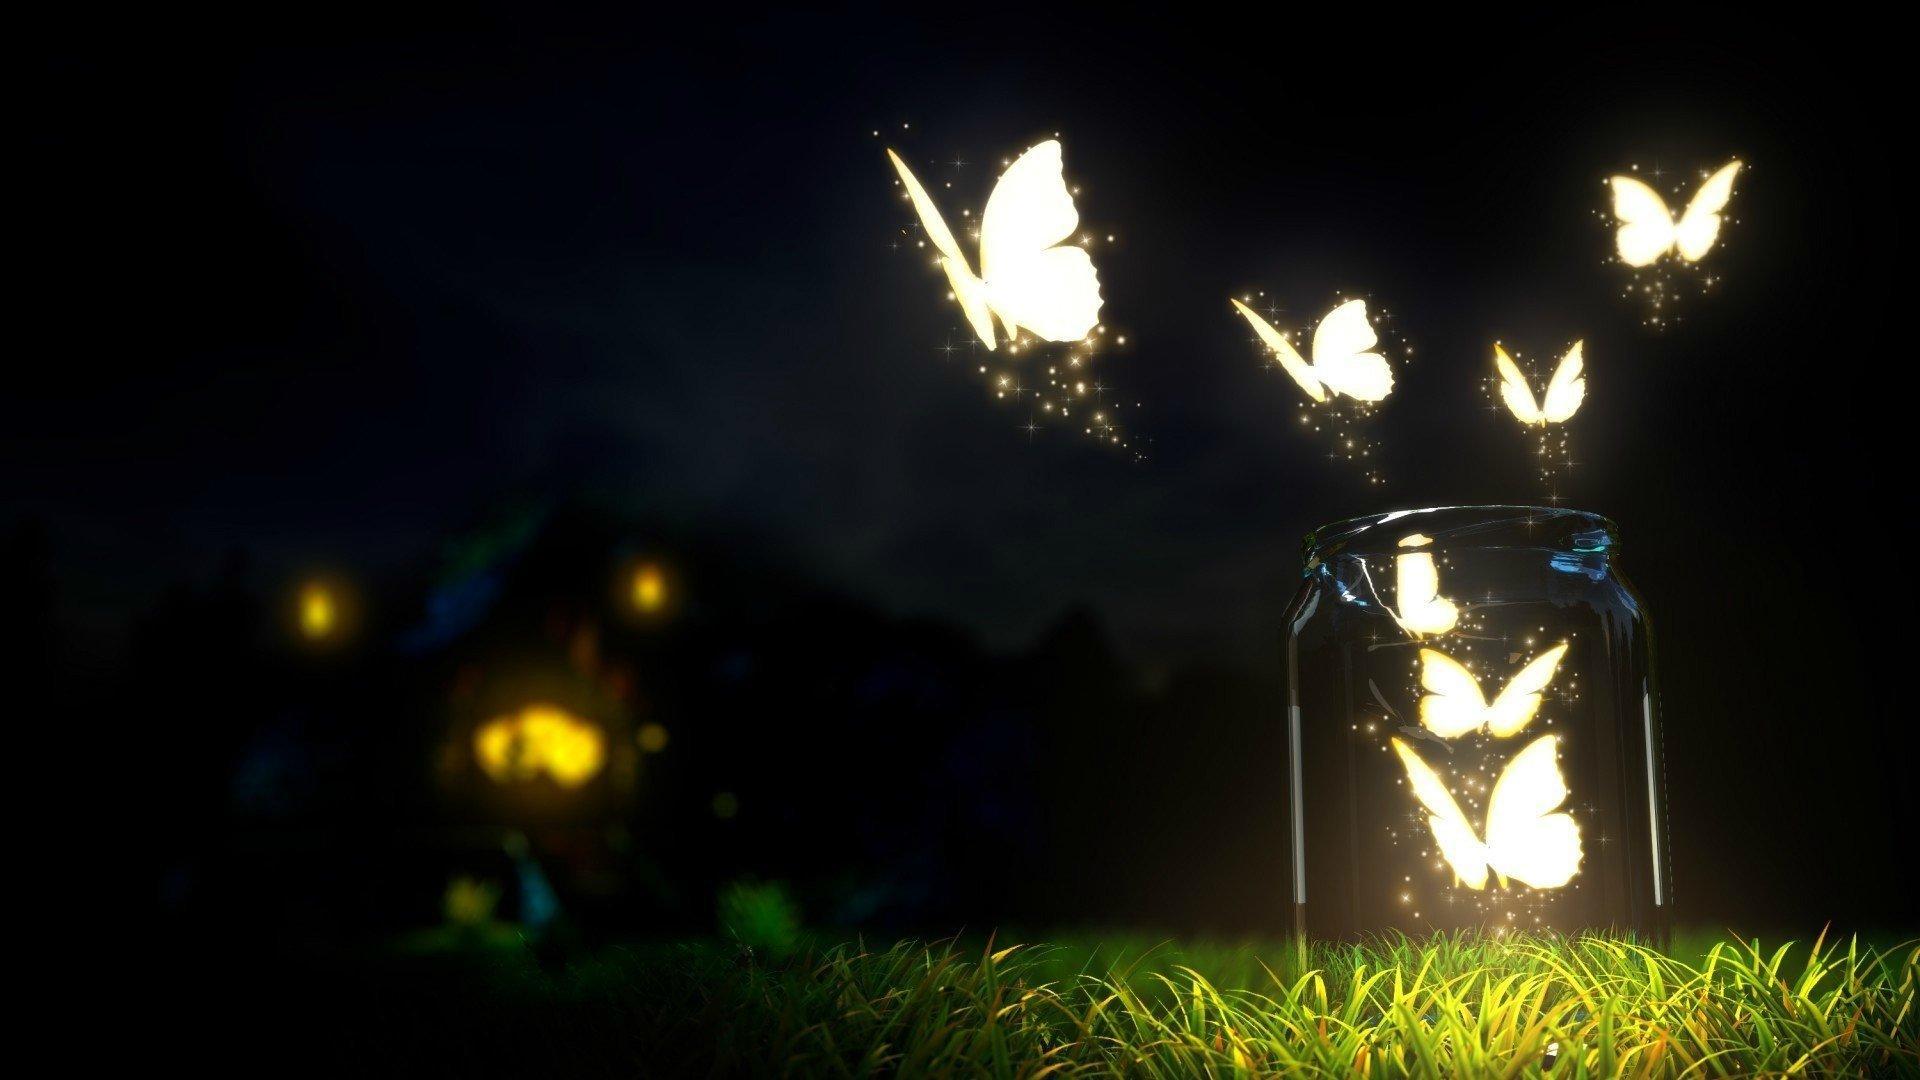 Aus einem Glasgefäß steigt ein Schwarm großer weißer (Fantasie-)Falter auf, die im Dunkeln zu leuchten scheinen.